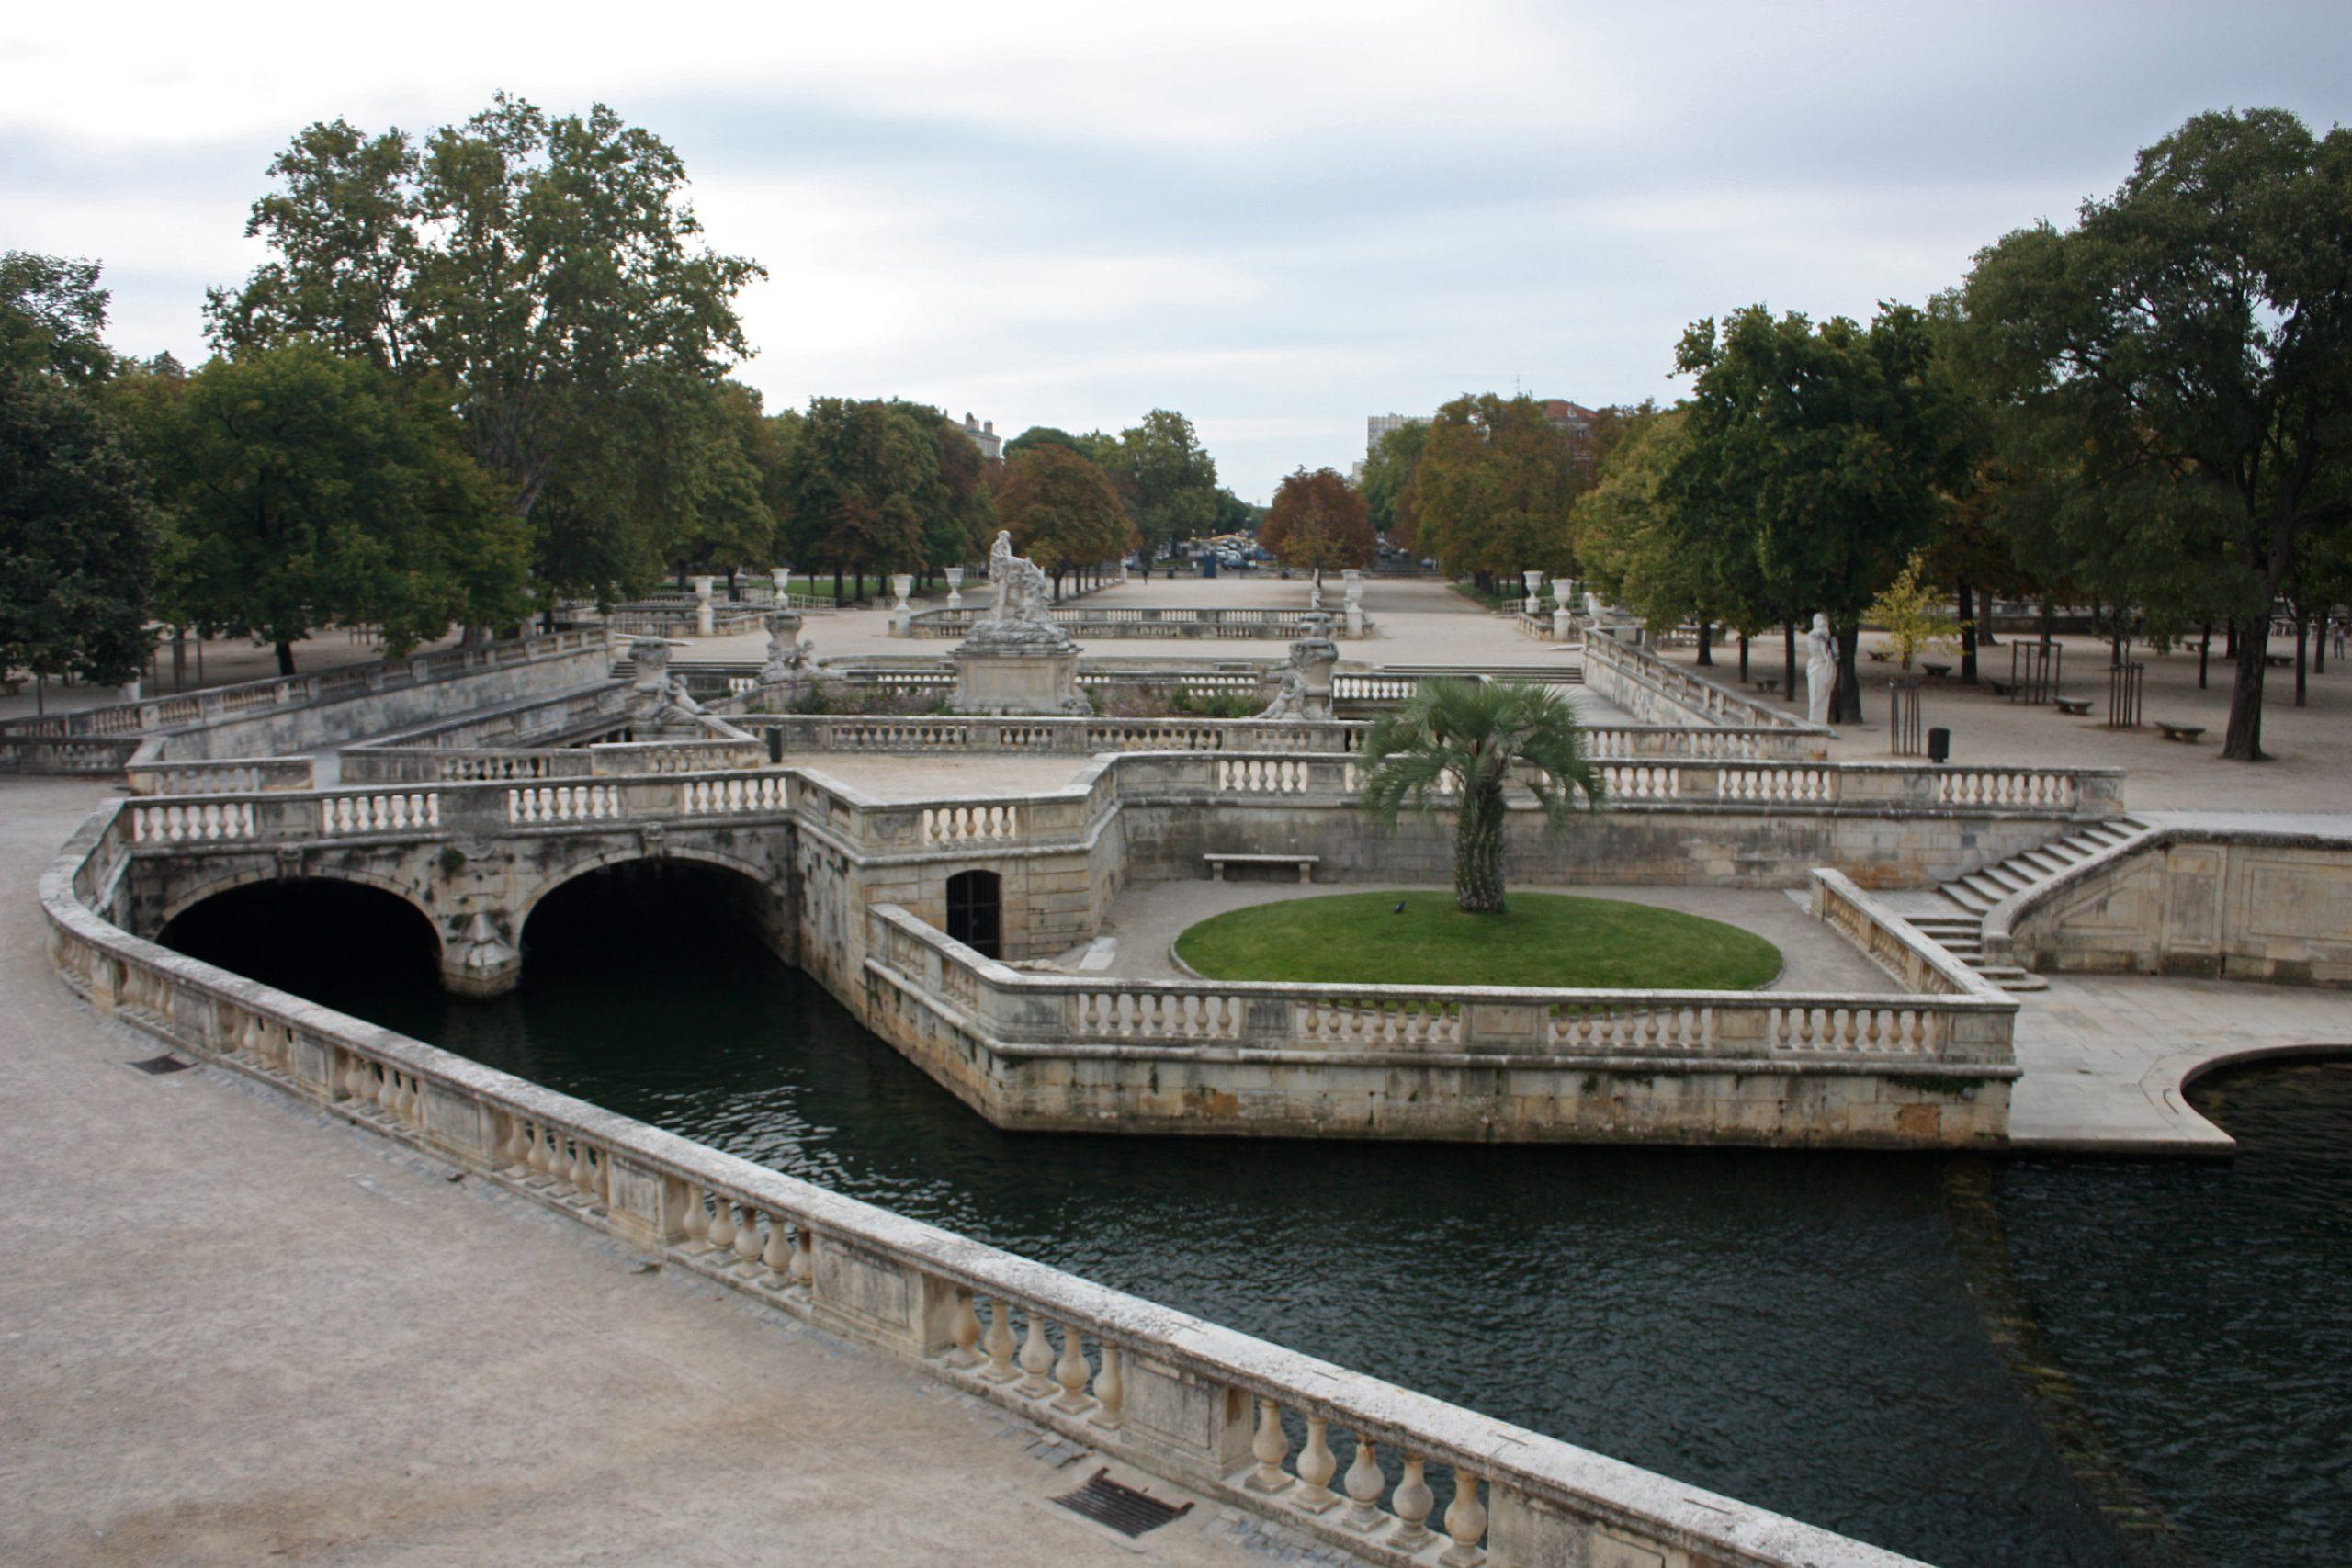 Jardins De La Fontaine – Wikipédia, A Enciclopédia Livre concernant Fontaine De Jardin En Fonte